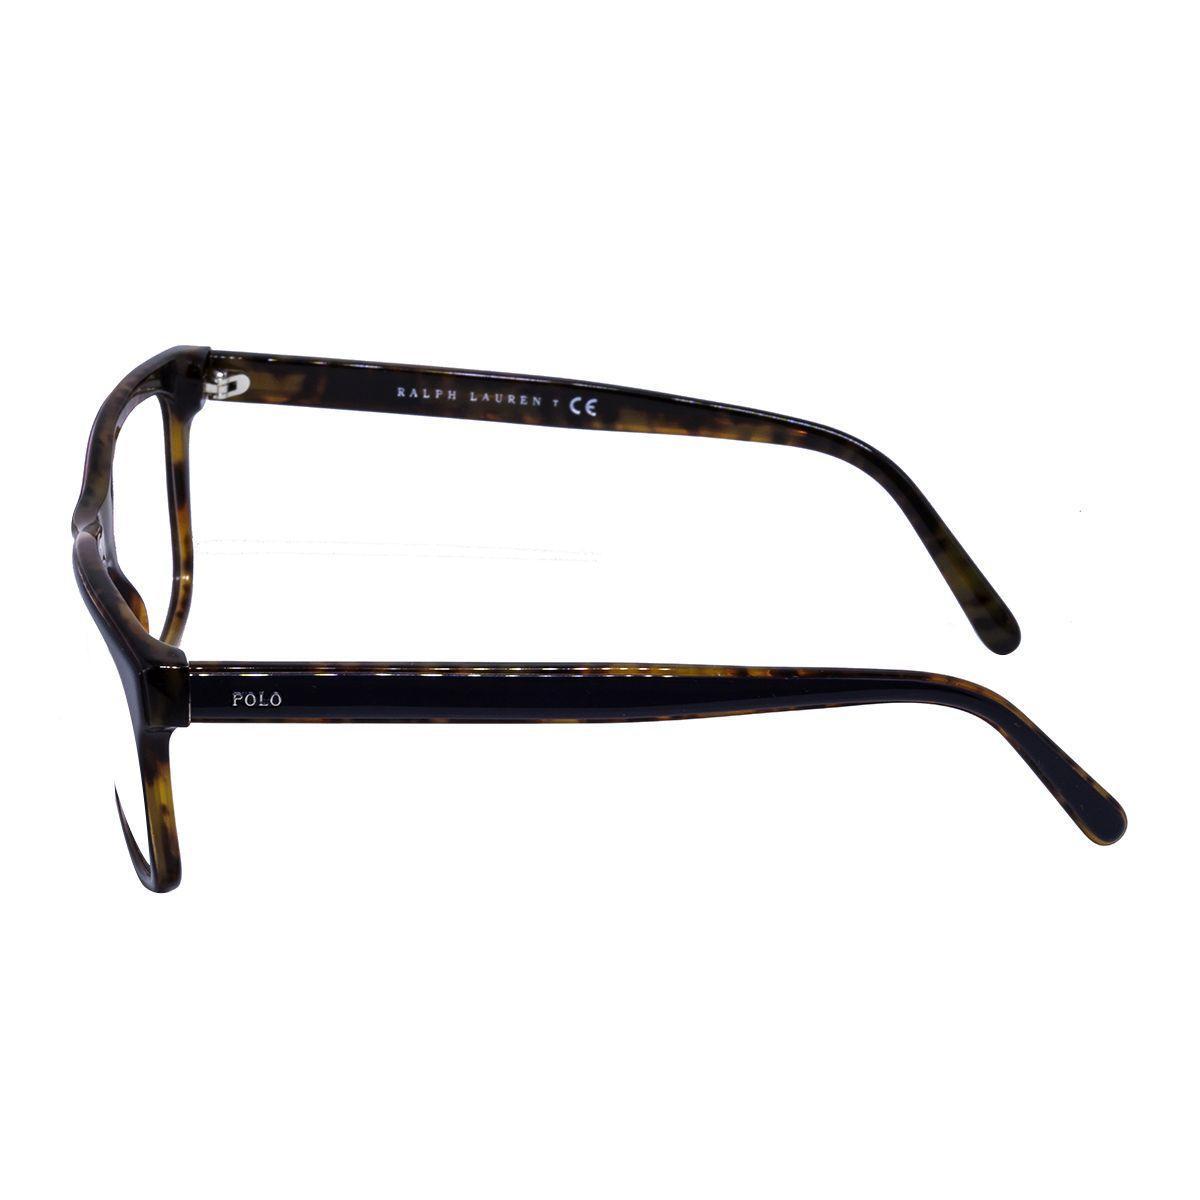 Óculos de Grau Polo Ralph Lauren PH2173 C5638 - Acetato Preto e Tartaruga  R  549,00 à vista. Adicionar à sacola 9325de9649